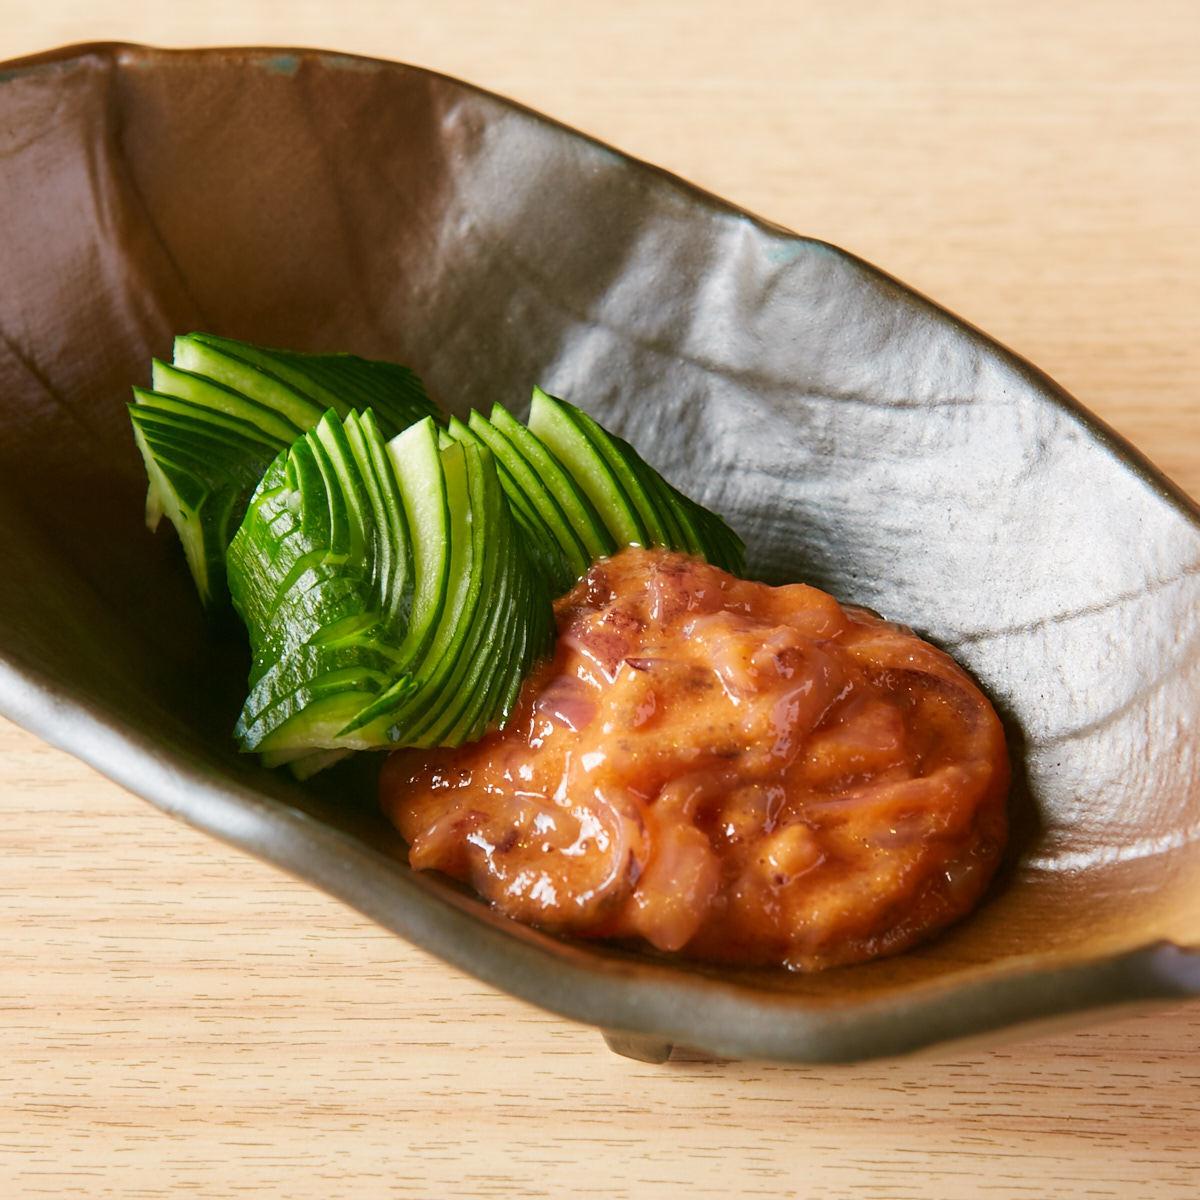 撒上腌制腌制鳕鱼子炒面